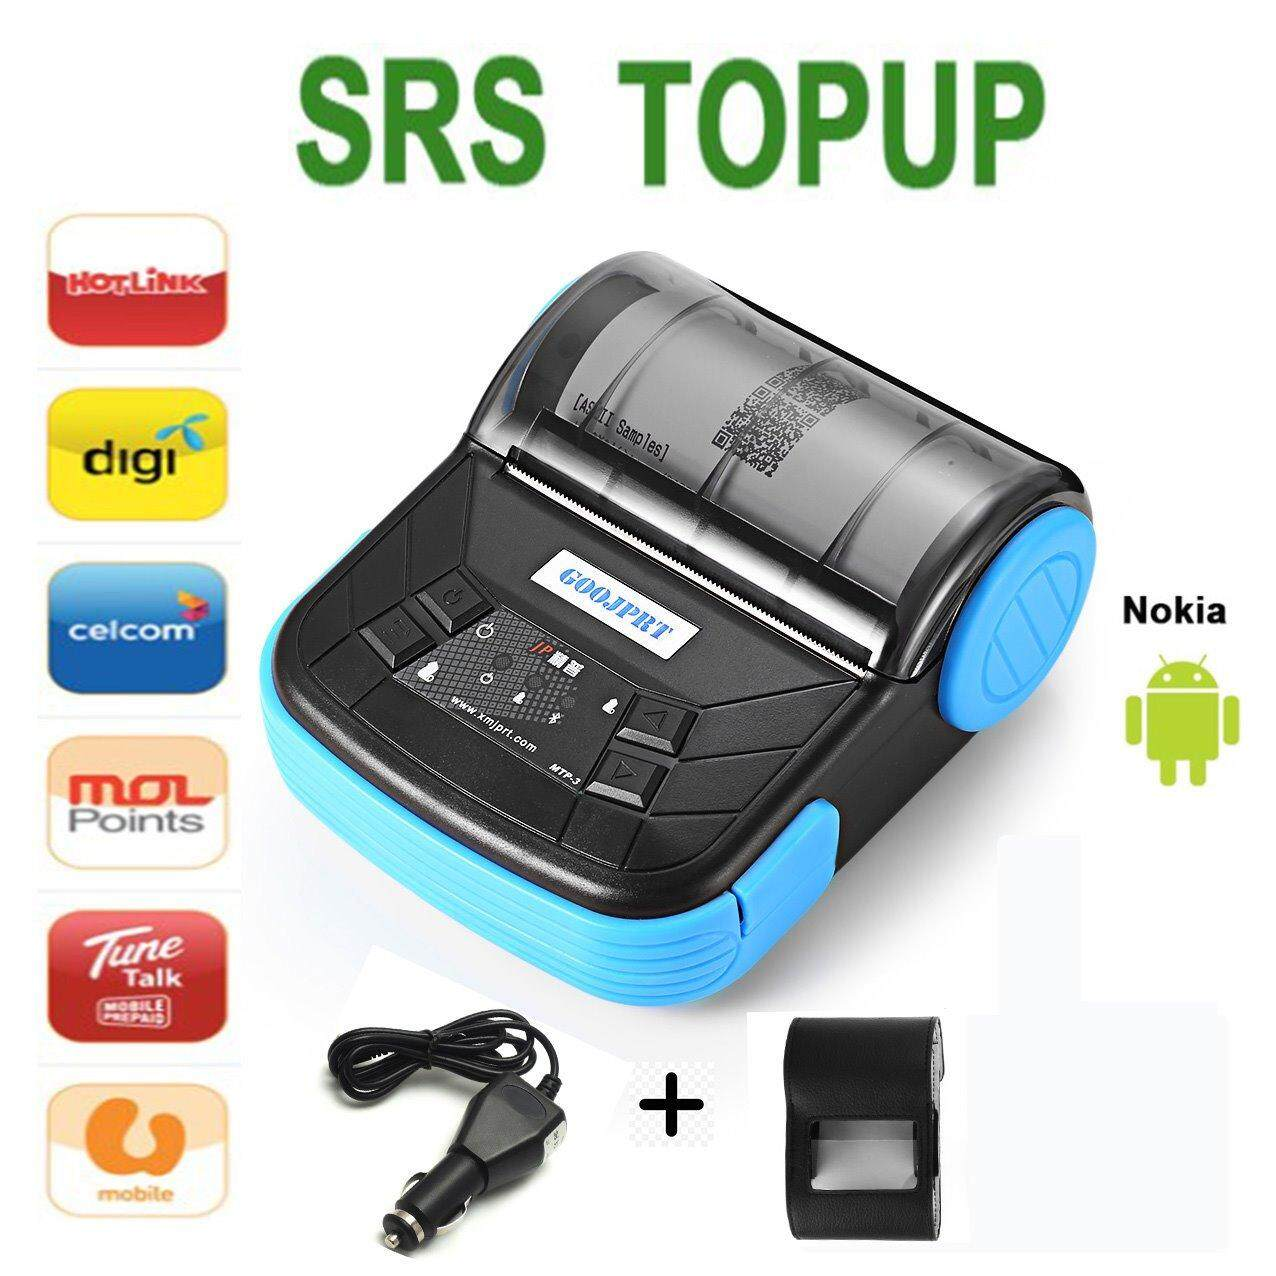 ราคา 80Mm Mobile Bluetooth Thermal Receipt Printer With Case And Car Charger For Top Up Srs Intl ใน จีน